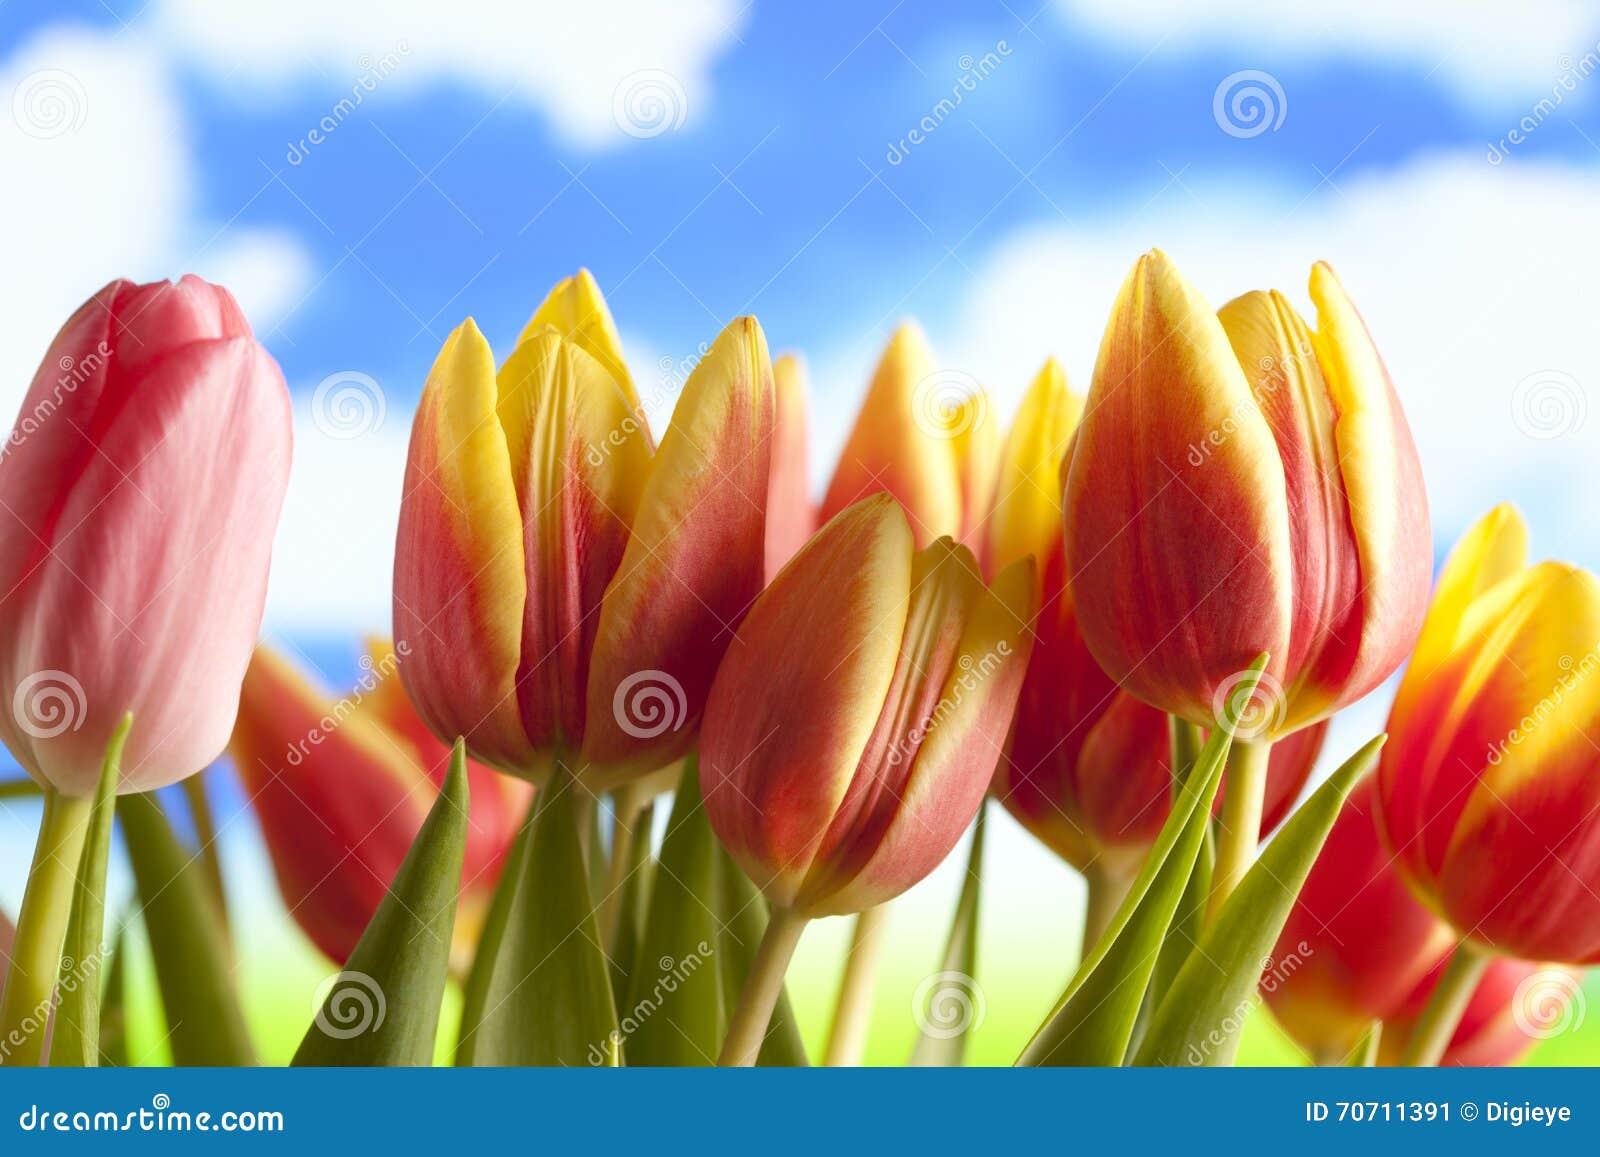 fr hlingsblumen tulpen auf blauem hintergrund stockbild bild von hell valentine 70711391. Black Bedroom Furniture Sets. Home Design Ideas